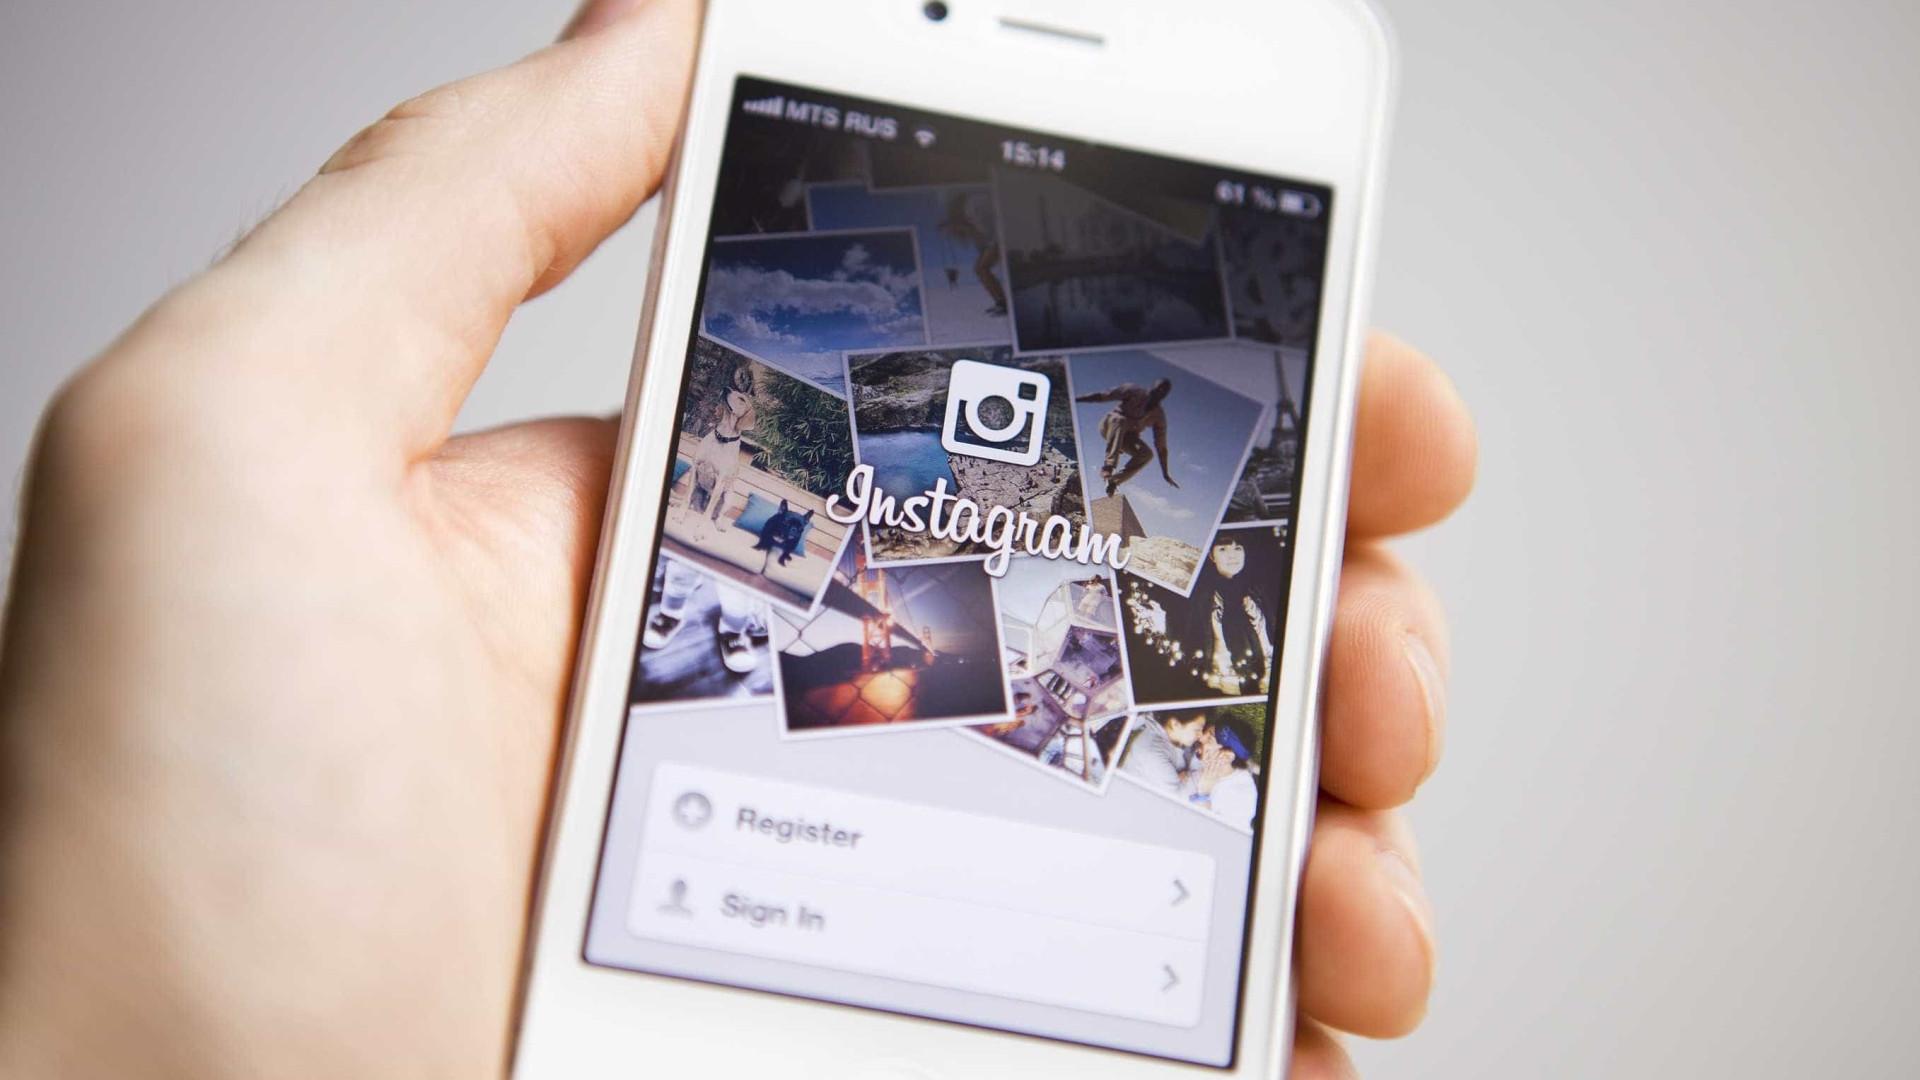 Com vergonha das suas pesquisas no Instagram? Há uma forma de as esconder